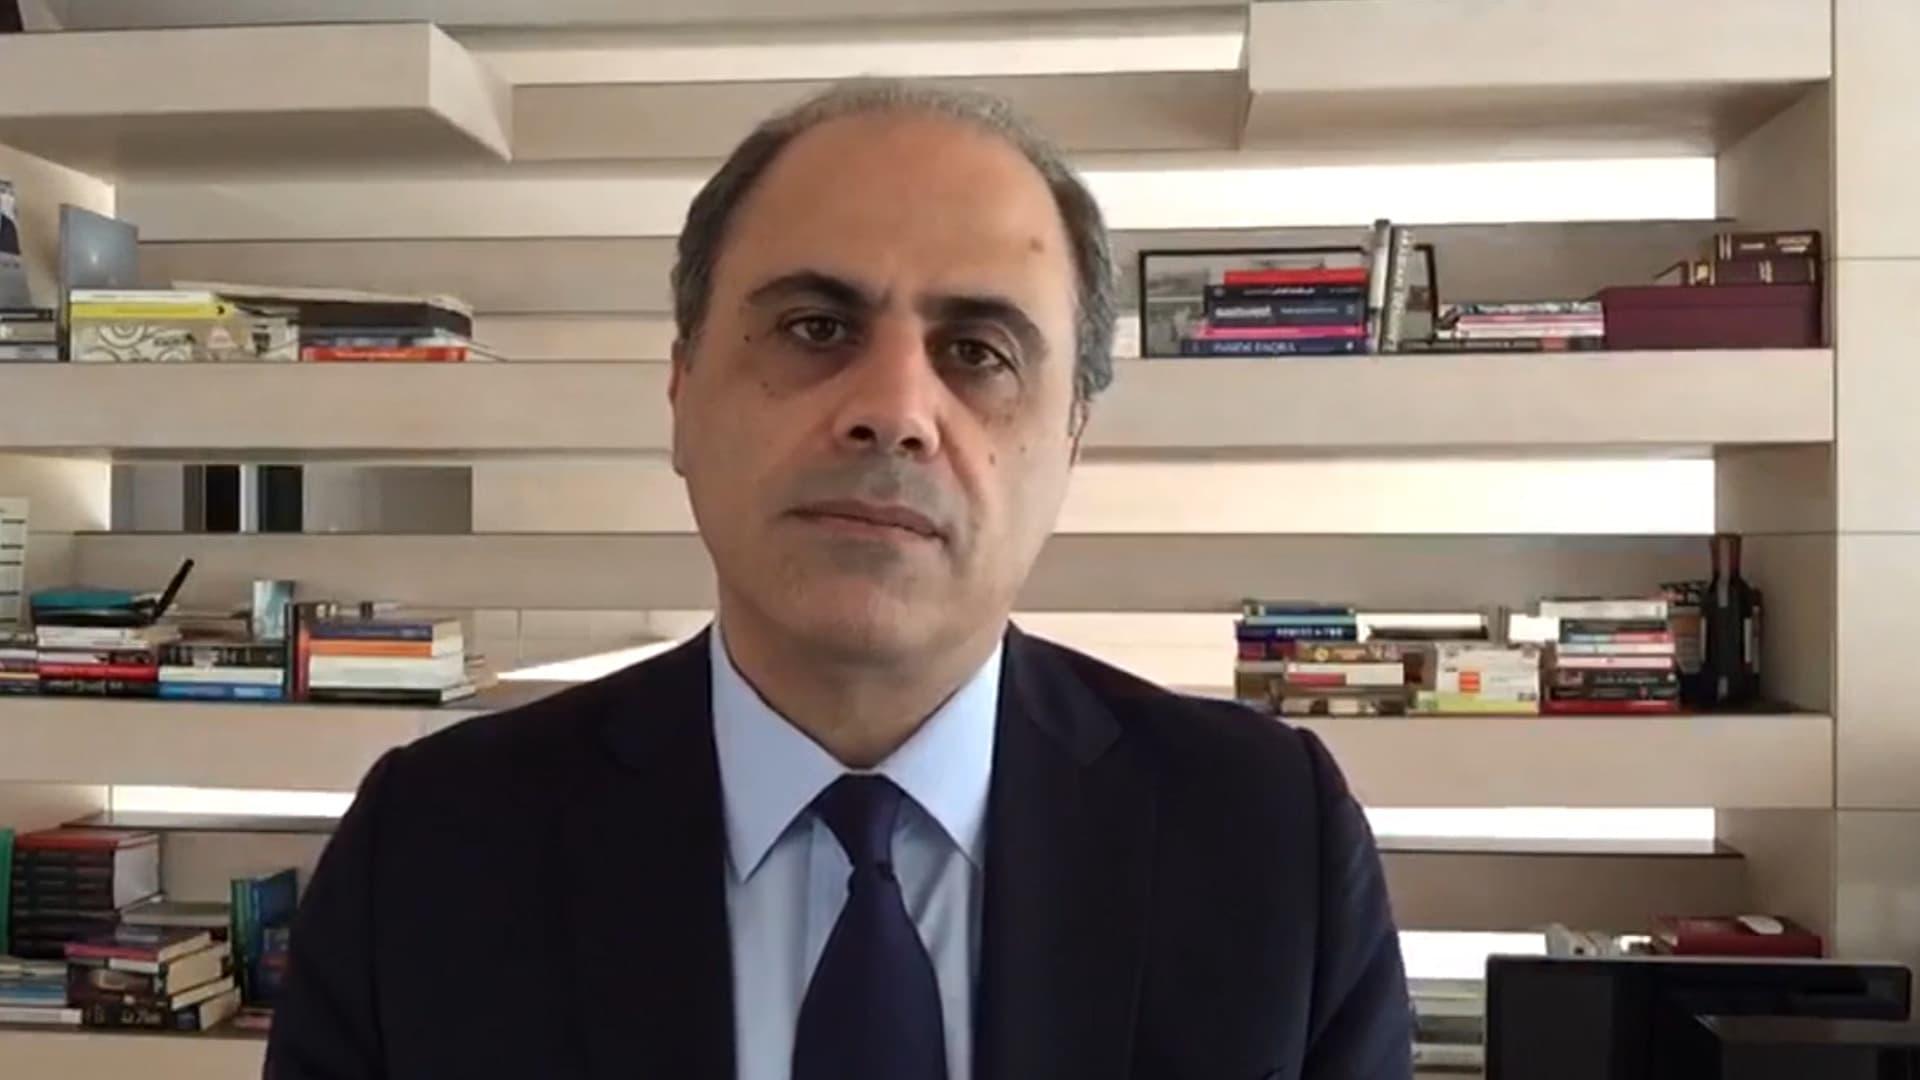 جهاد أزعور لـCNN: يجب دعم الفئات المهمشة بالمجتمع للنهوض باقتصاد المنطقة